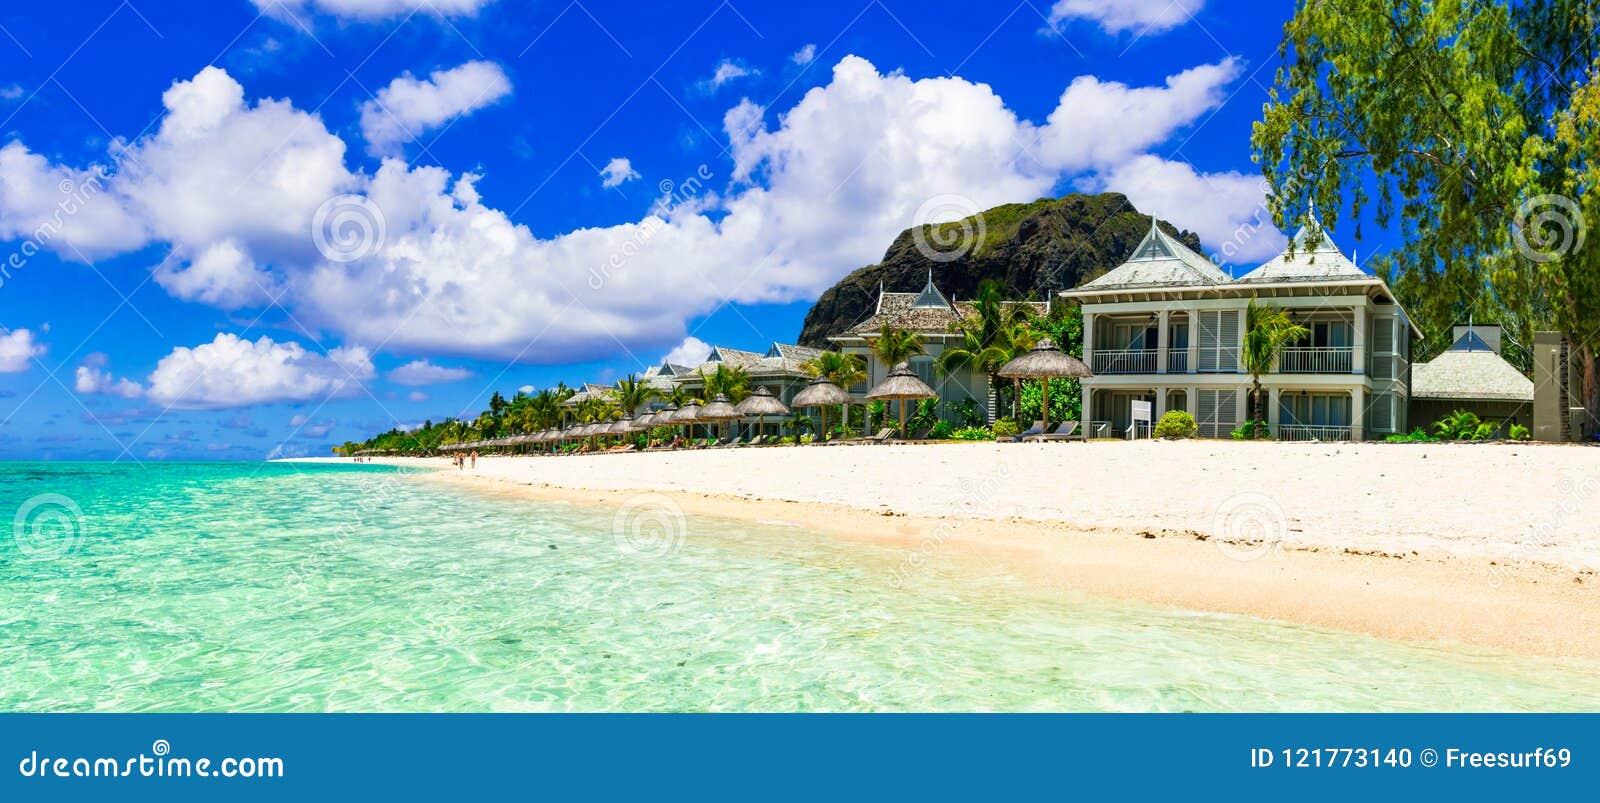 Vacances de luxe dans la station de vacances tropicale Île des Îles Maurice